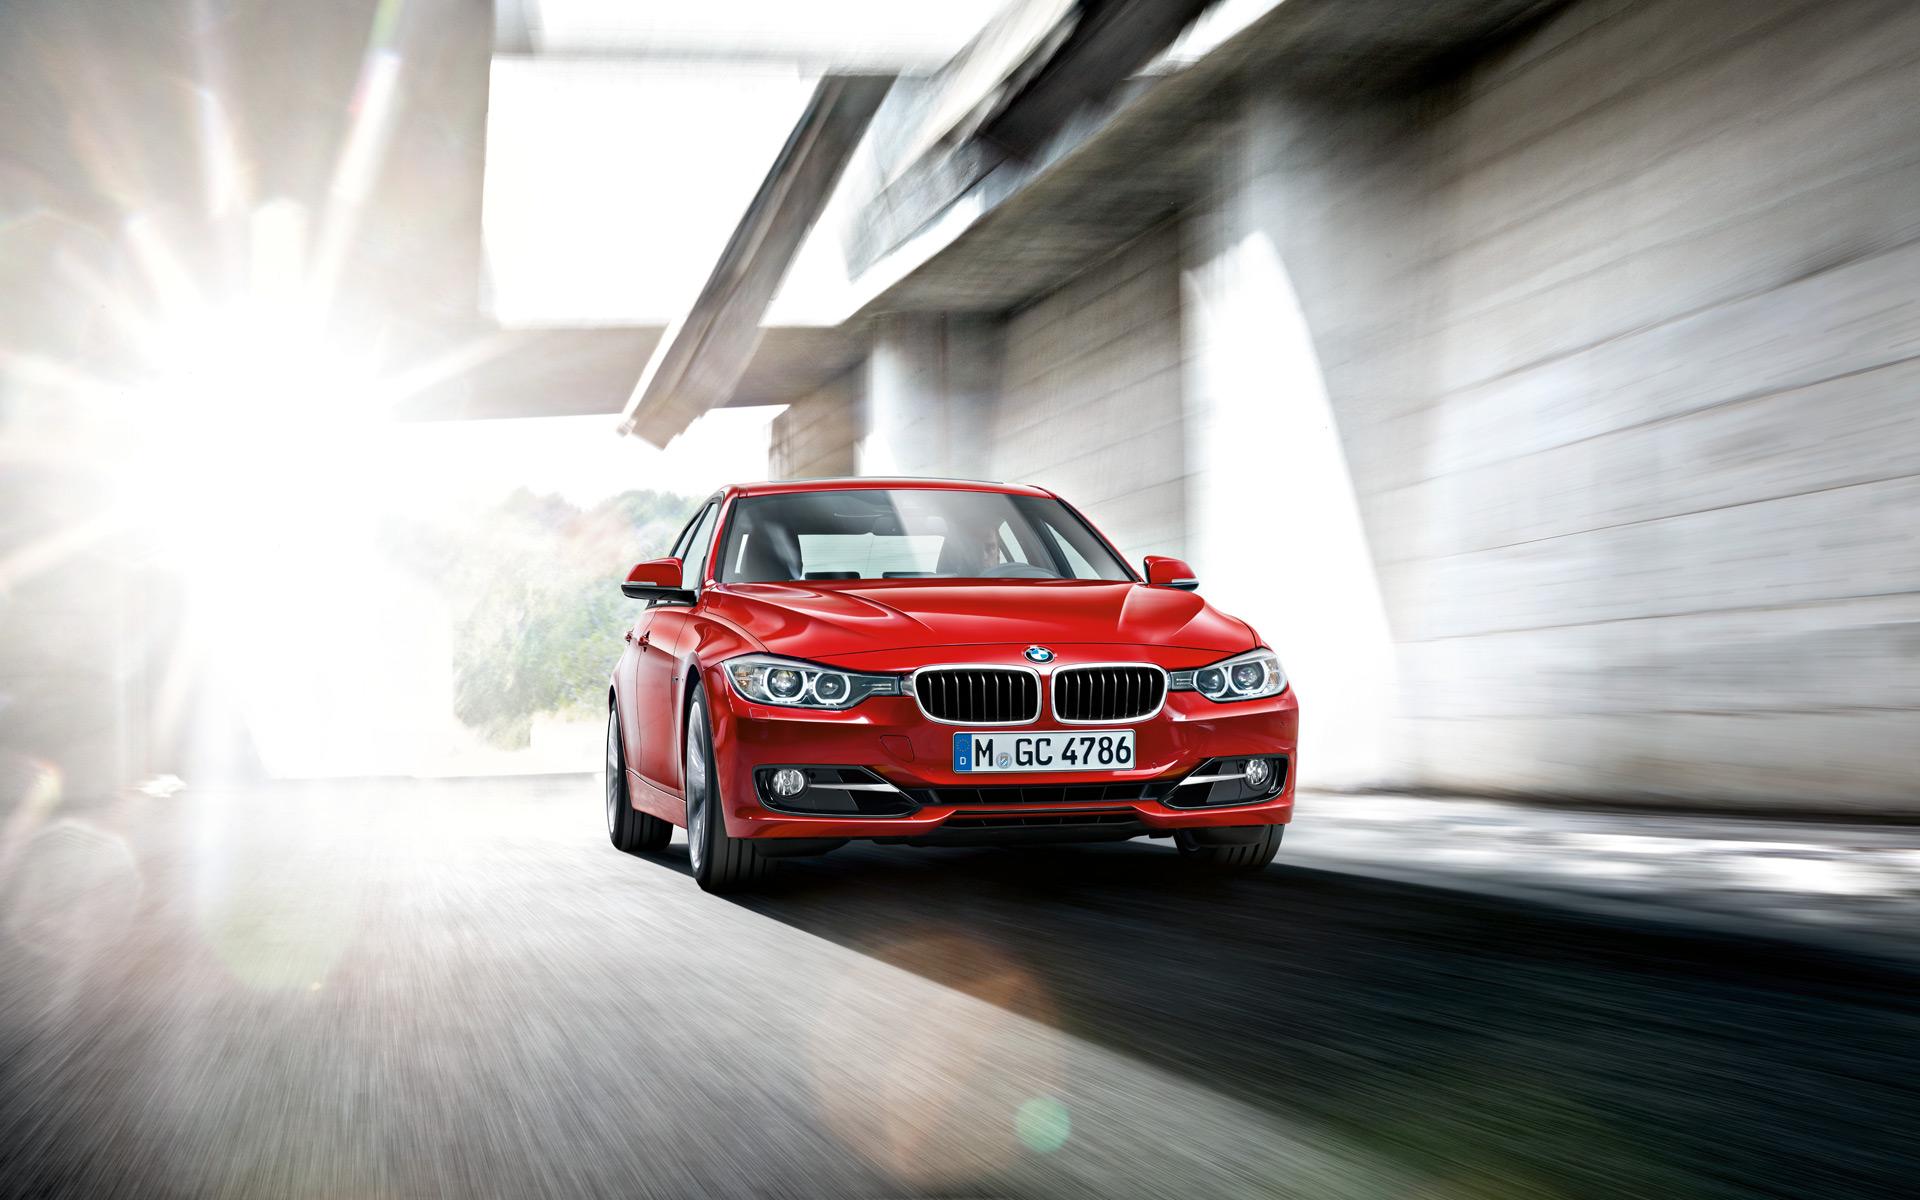 wallpapers: 2012 bmw 3 series sedan